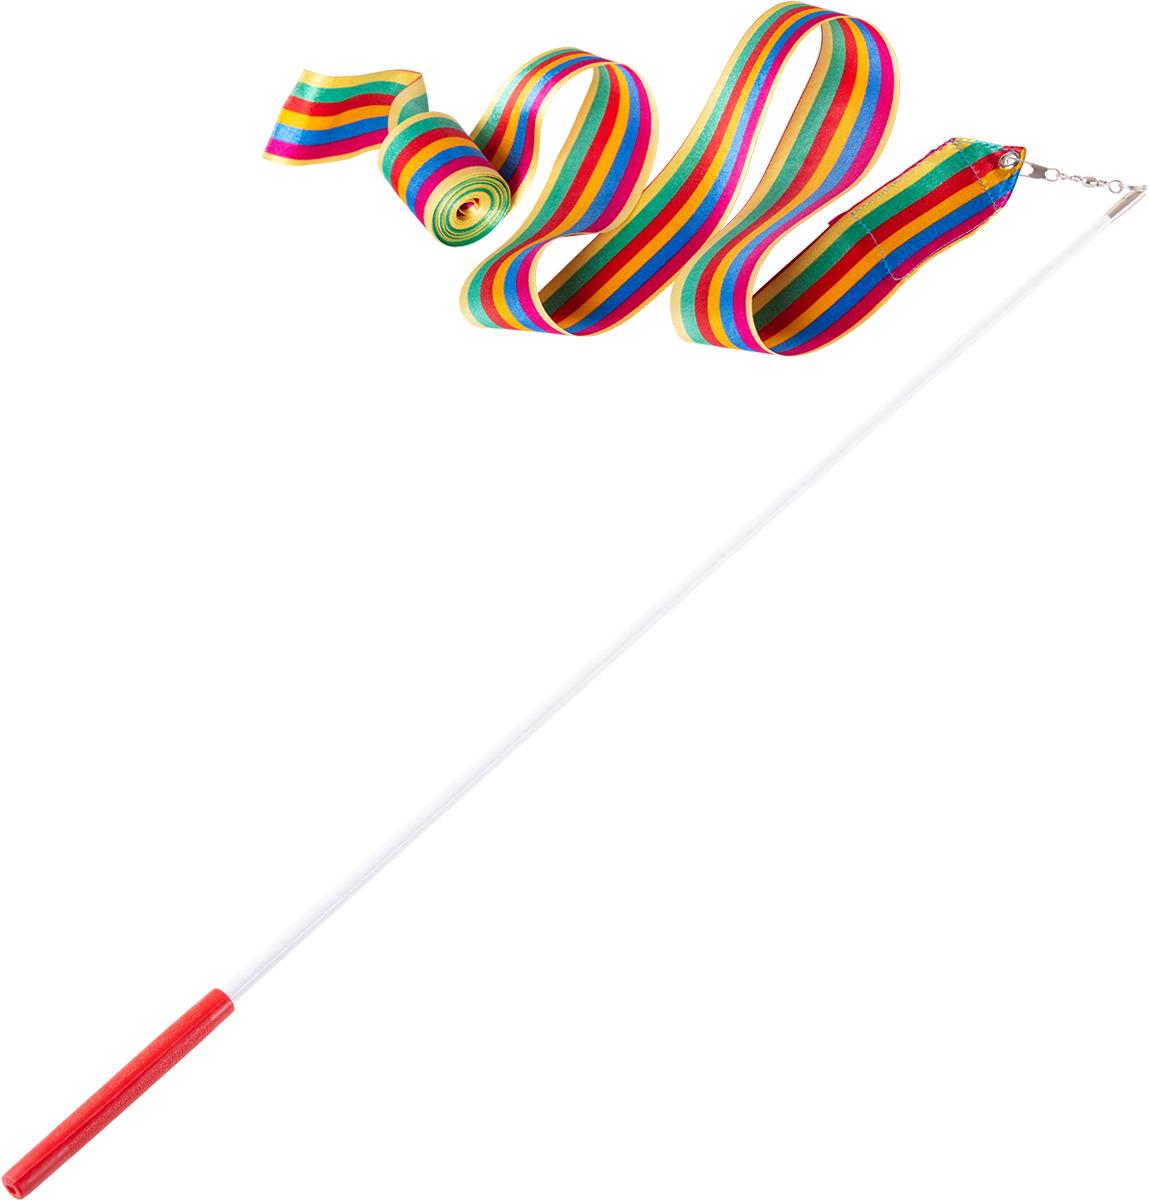 Лента для художественной гимнастики Amely AGR-201, длина 6 м, с палочкой 56 см, цвет: радуга лонгслив для гимнастики малыши